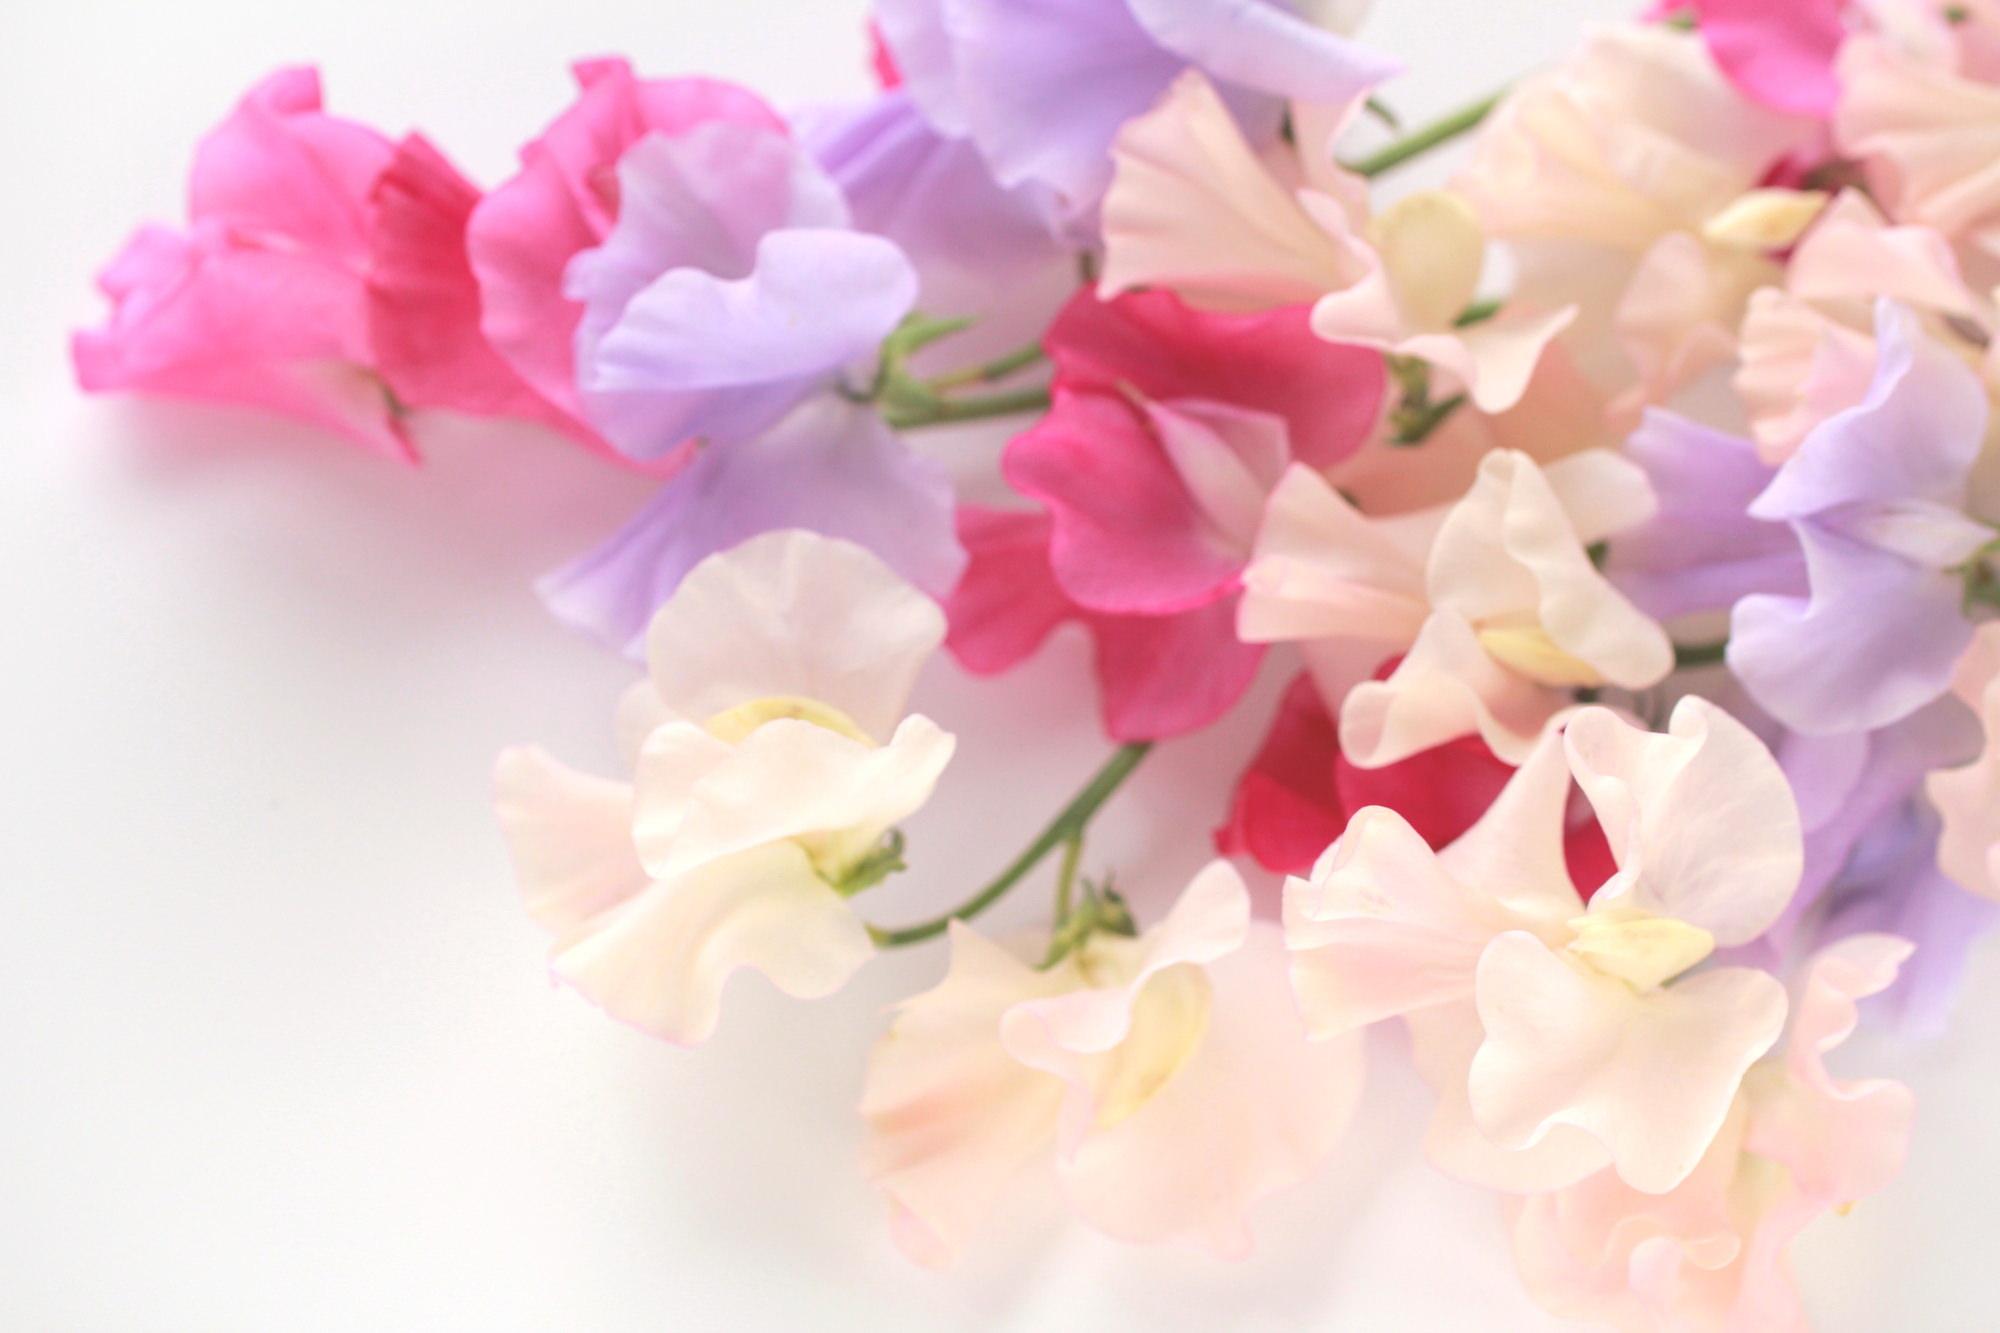 スイートピー 花 言葉 4月の花(4月に咲く花の画像や花言葉) 花言葉-由来